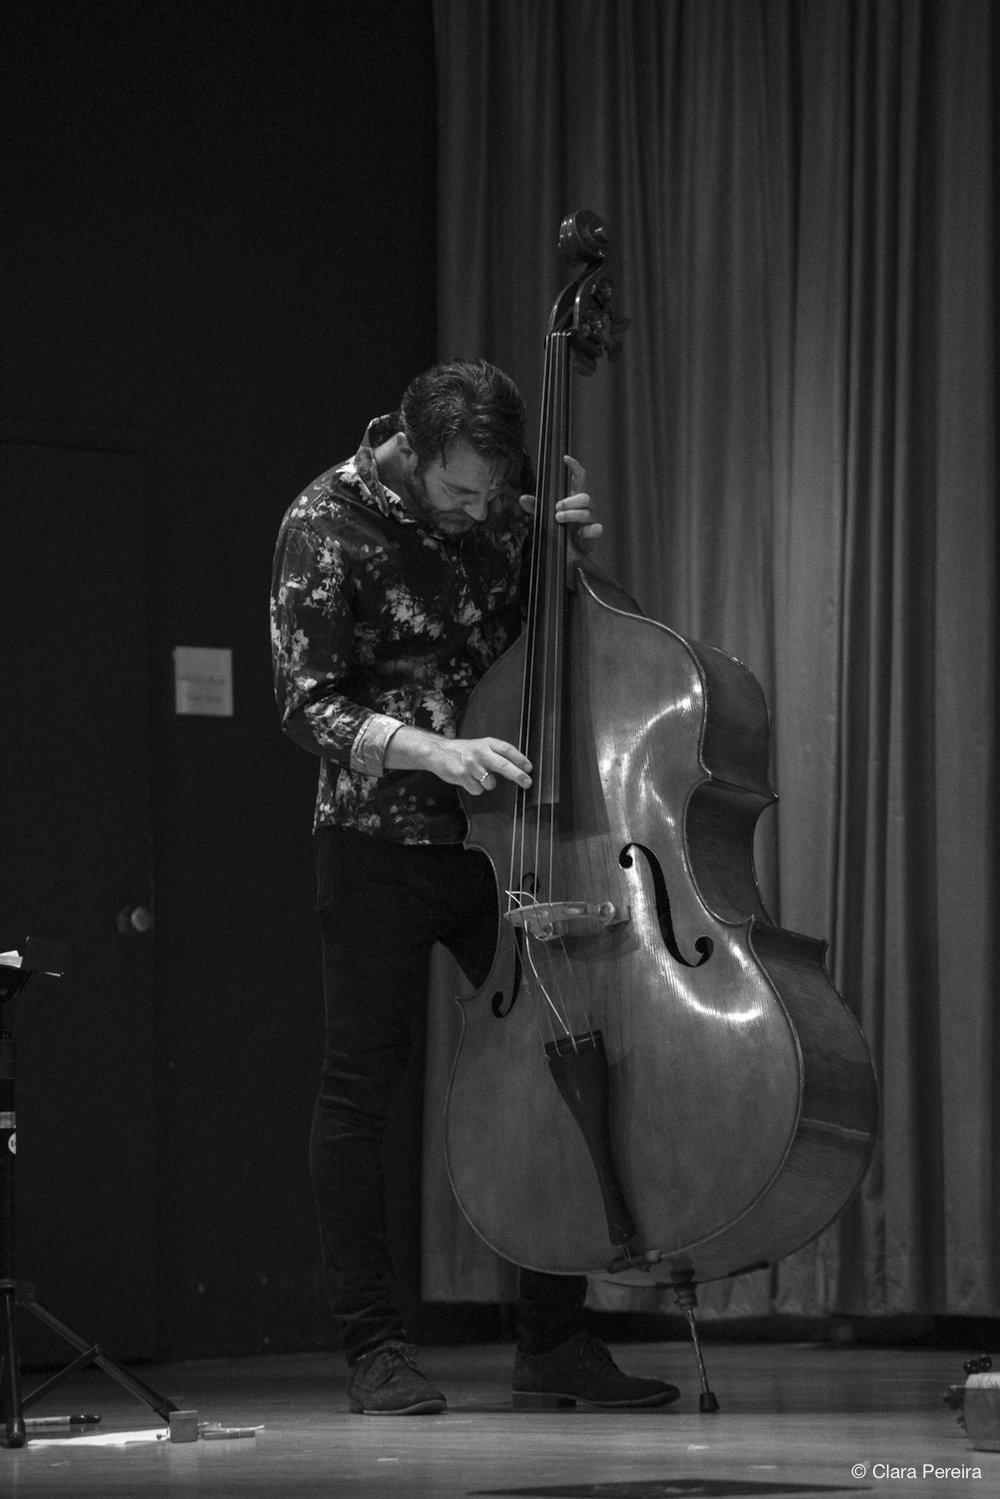 Mats Eilertsen, 2018